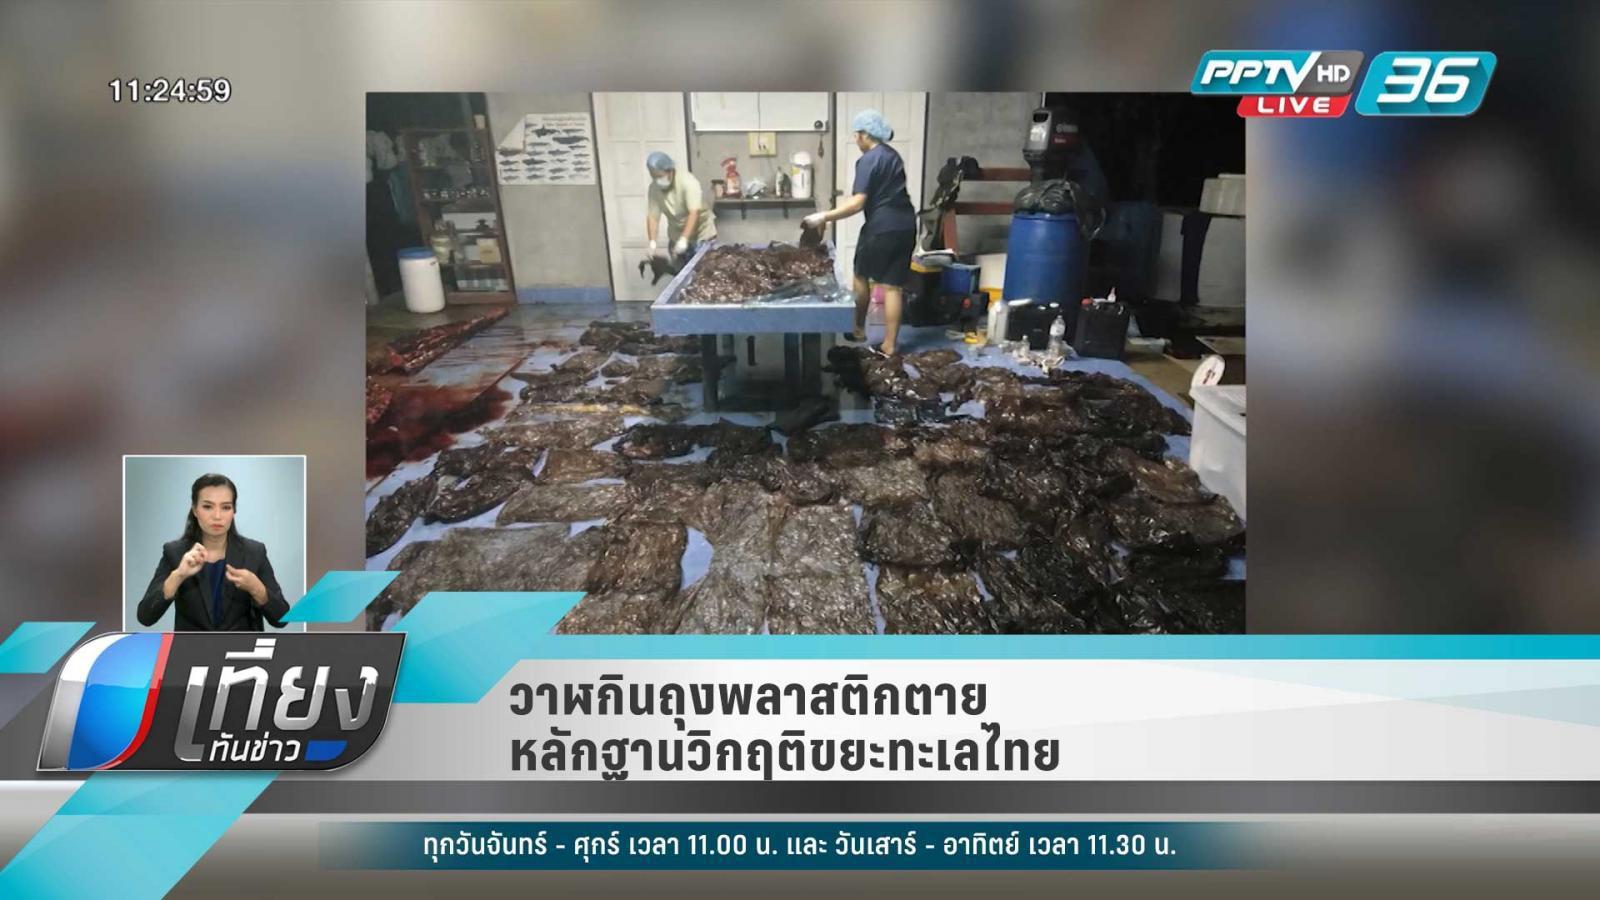 """""""วาฬกินถุงพลาสติกตาย"""" หลักฐานบ่งชี้วิกฤติขยะทะเลไทย"""